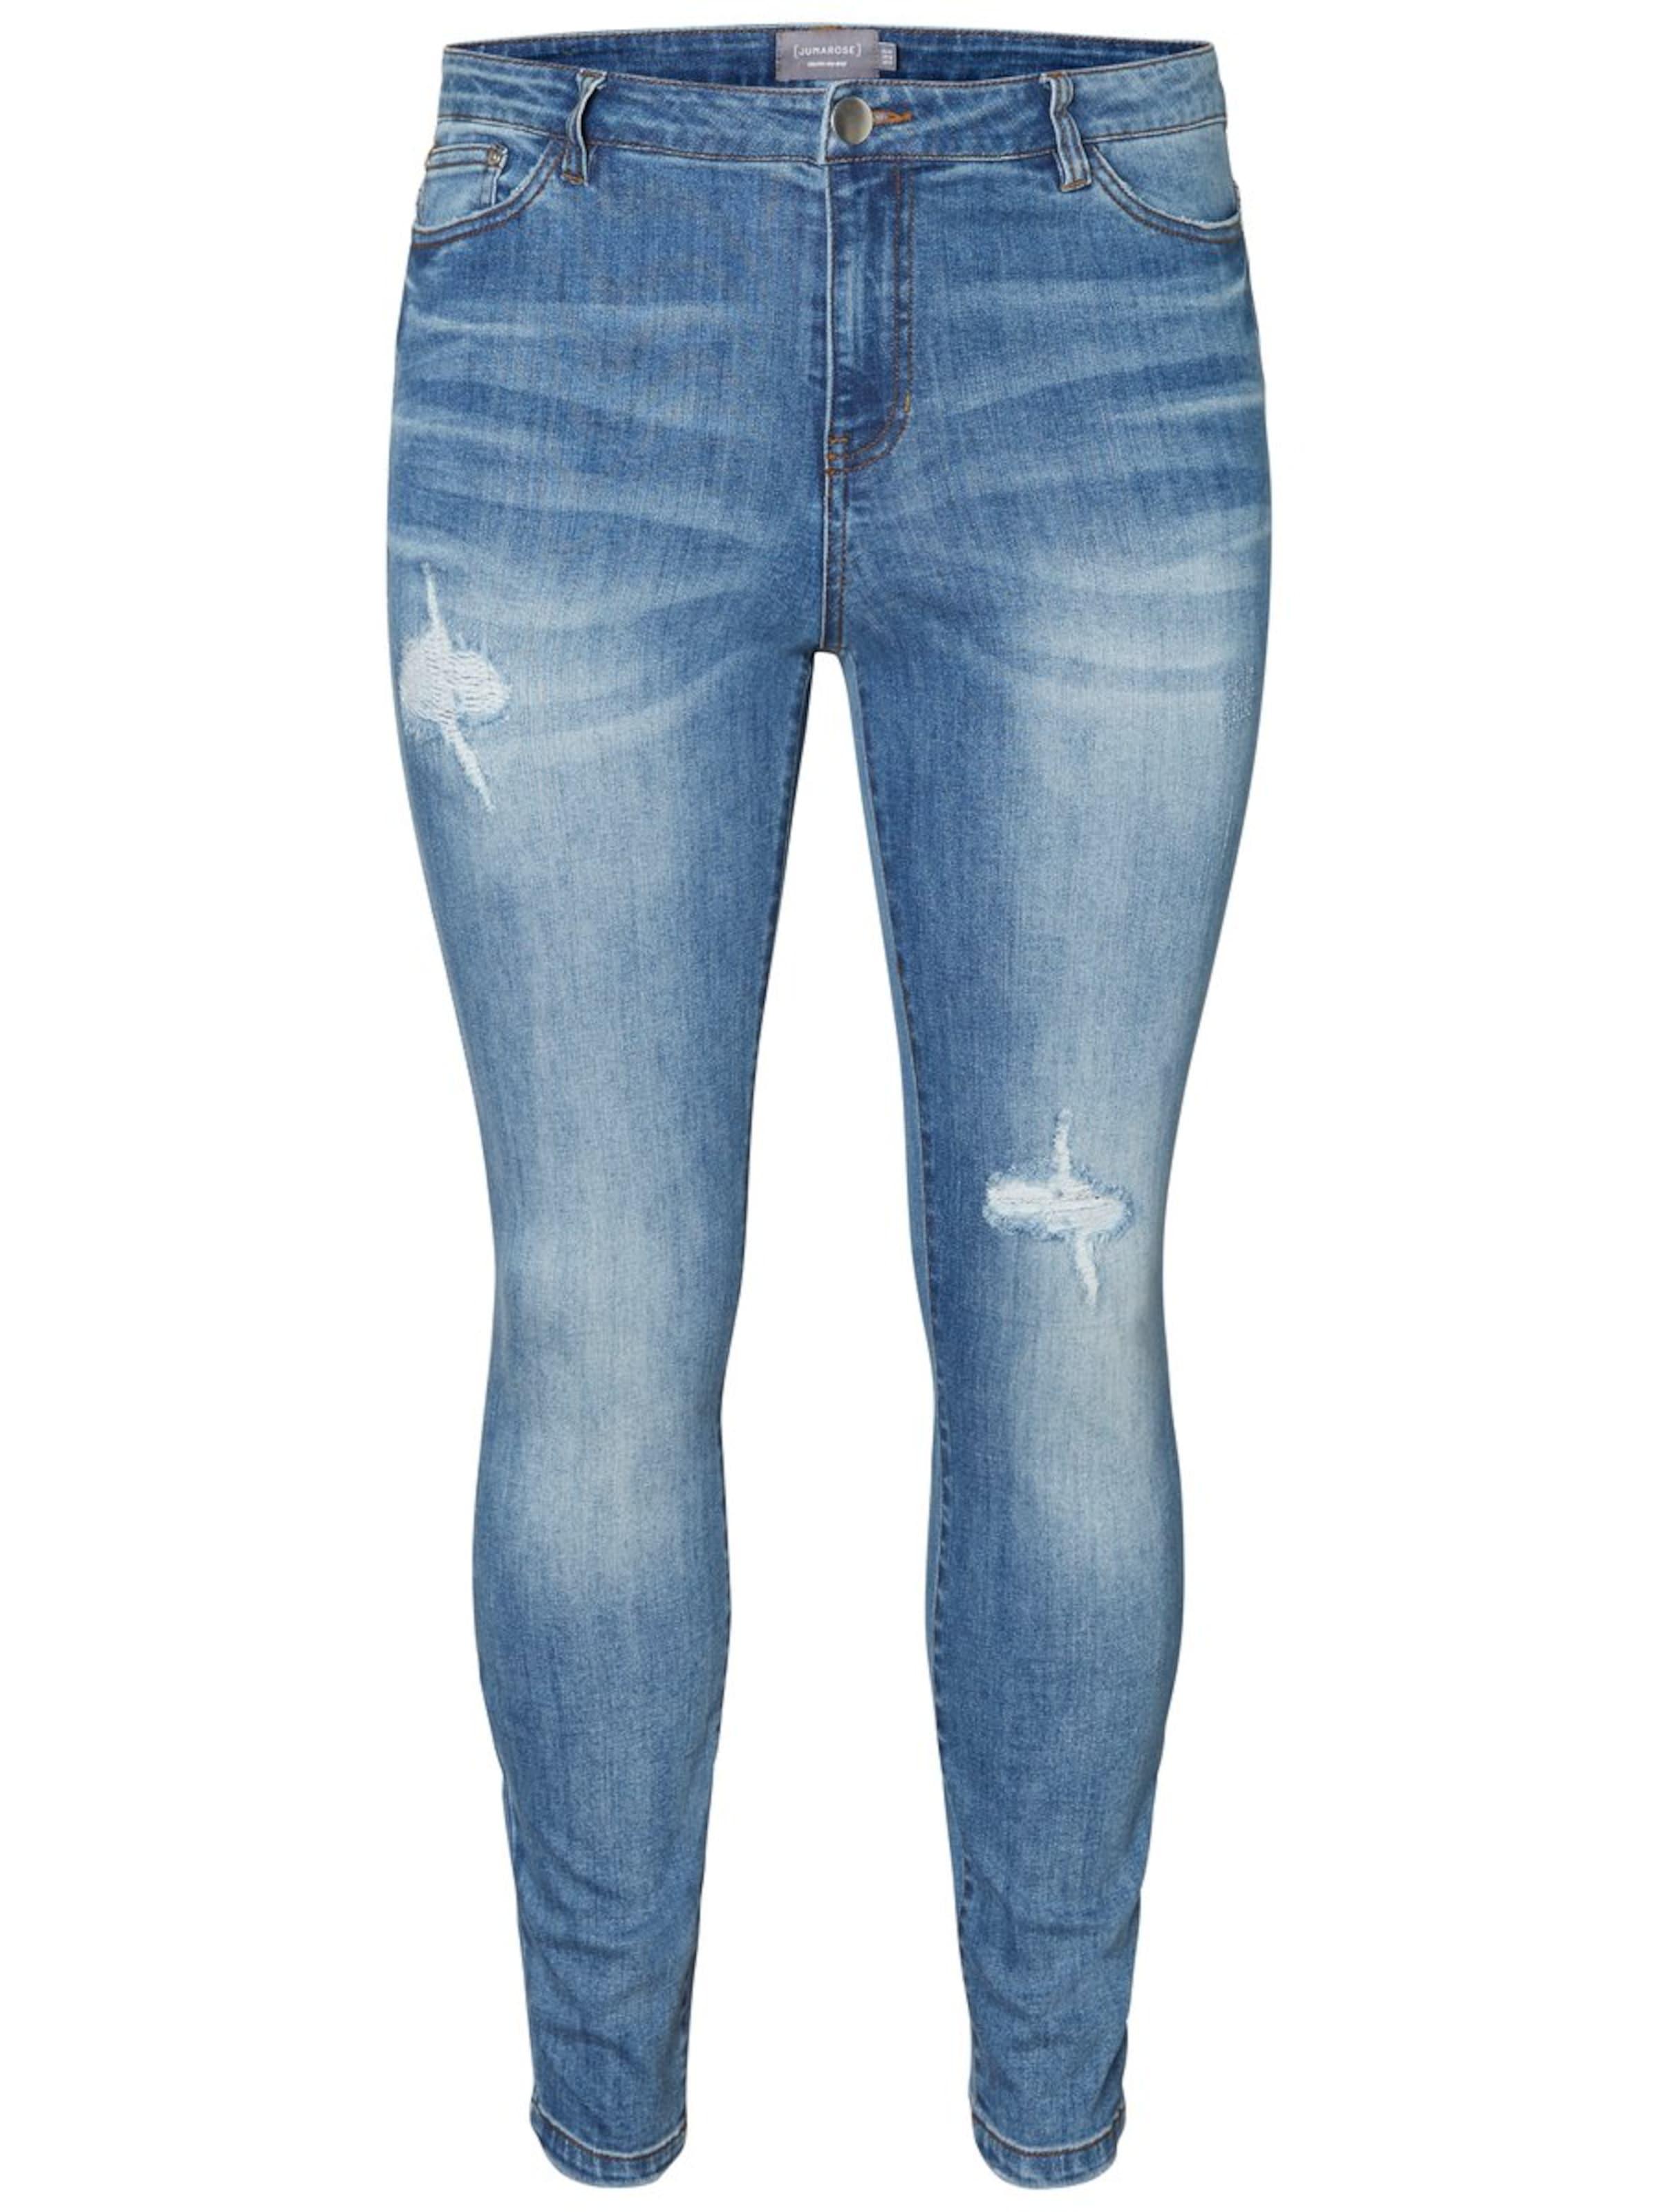 Jeans Blue Jeans In Jeans Junarose Blue Junarose In Denim In Junarose Denim 2WDYeH9IE